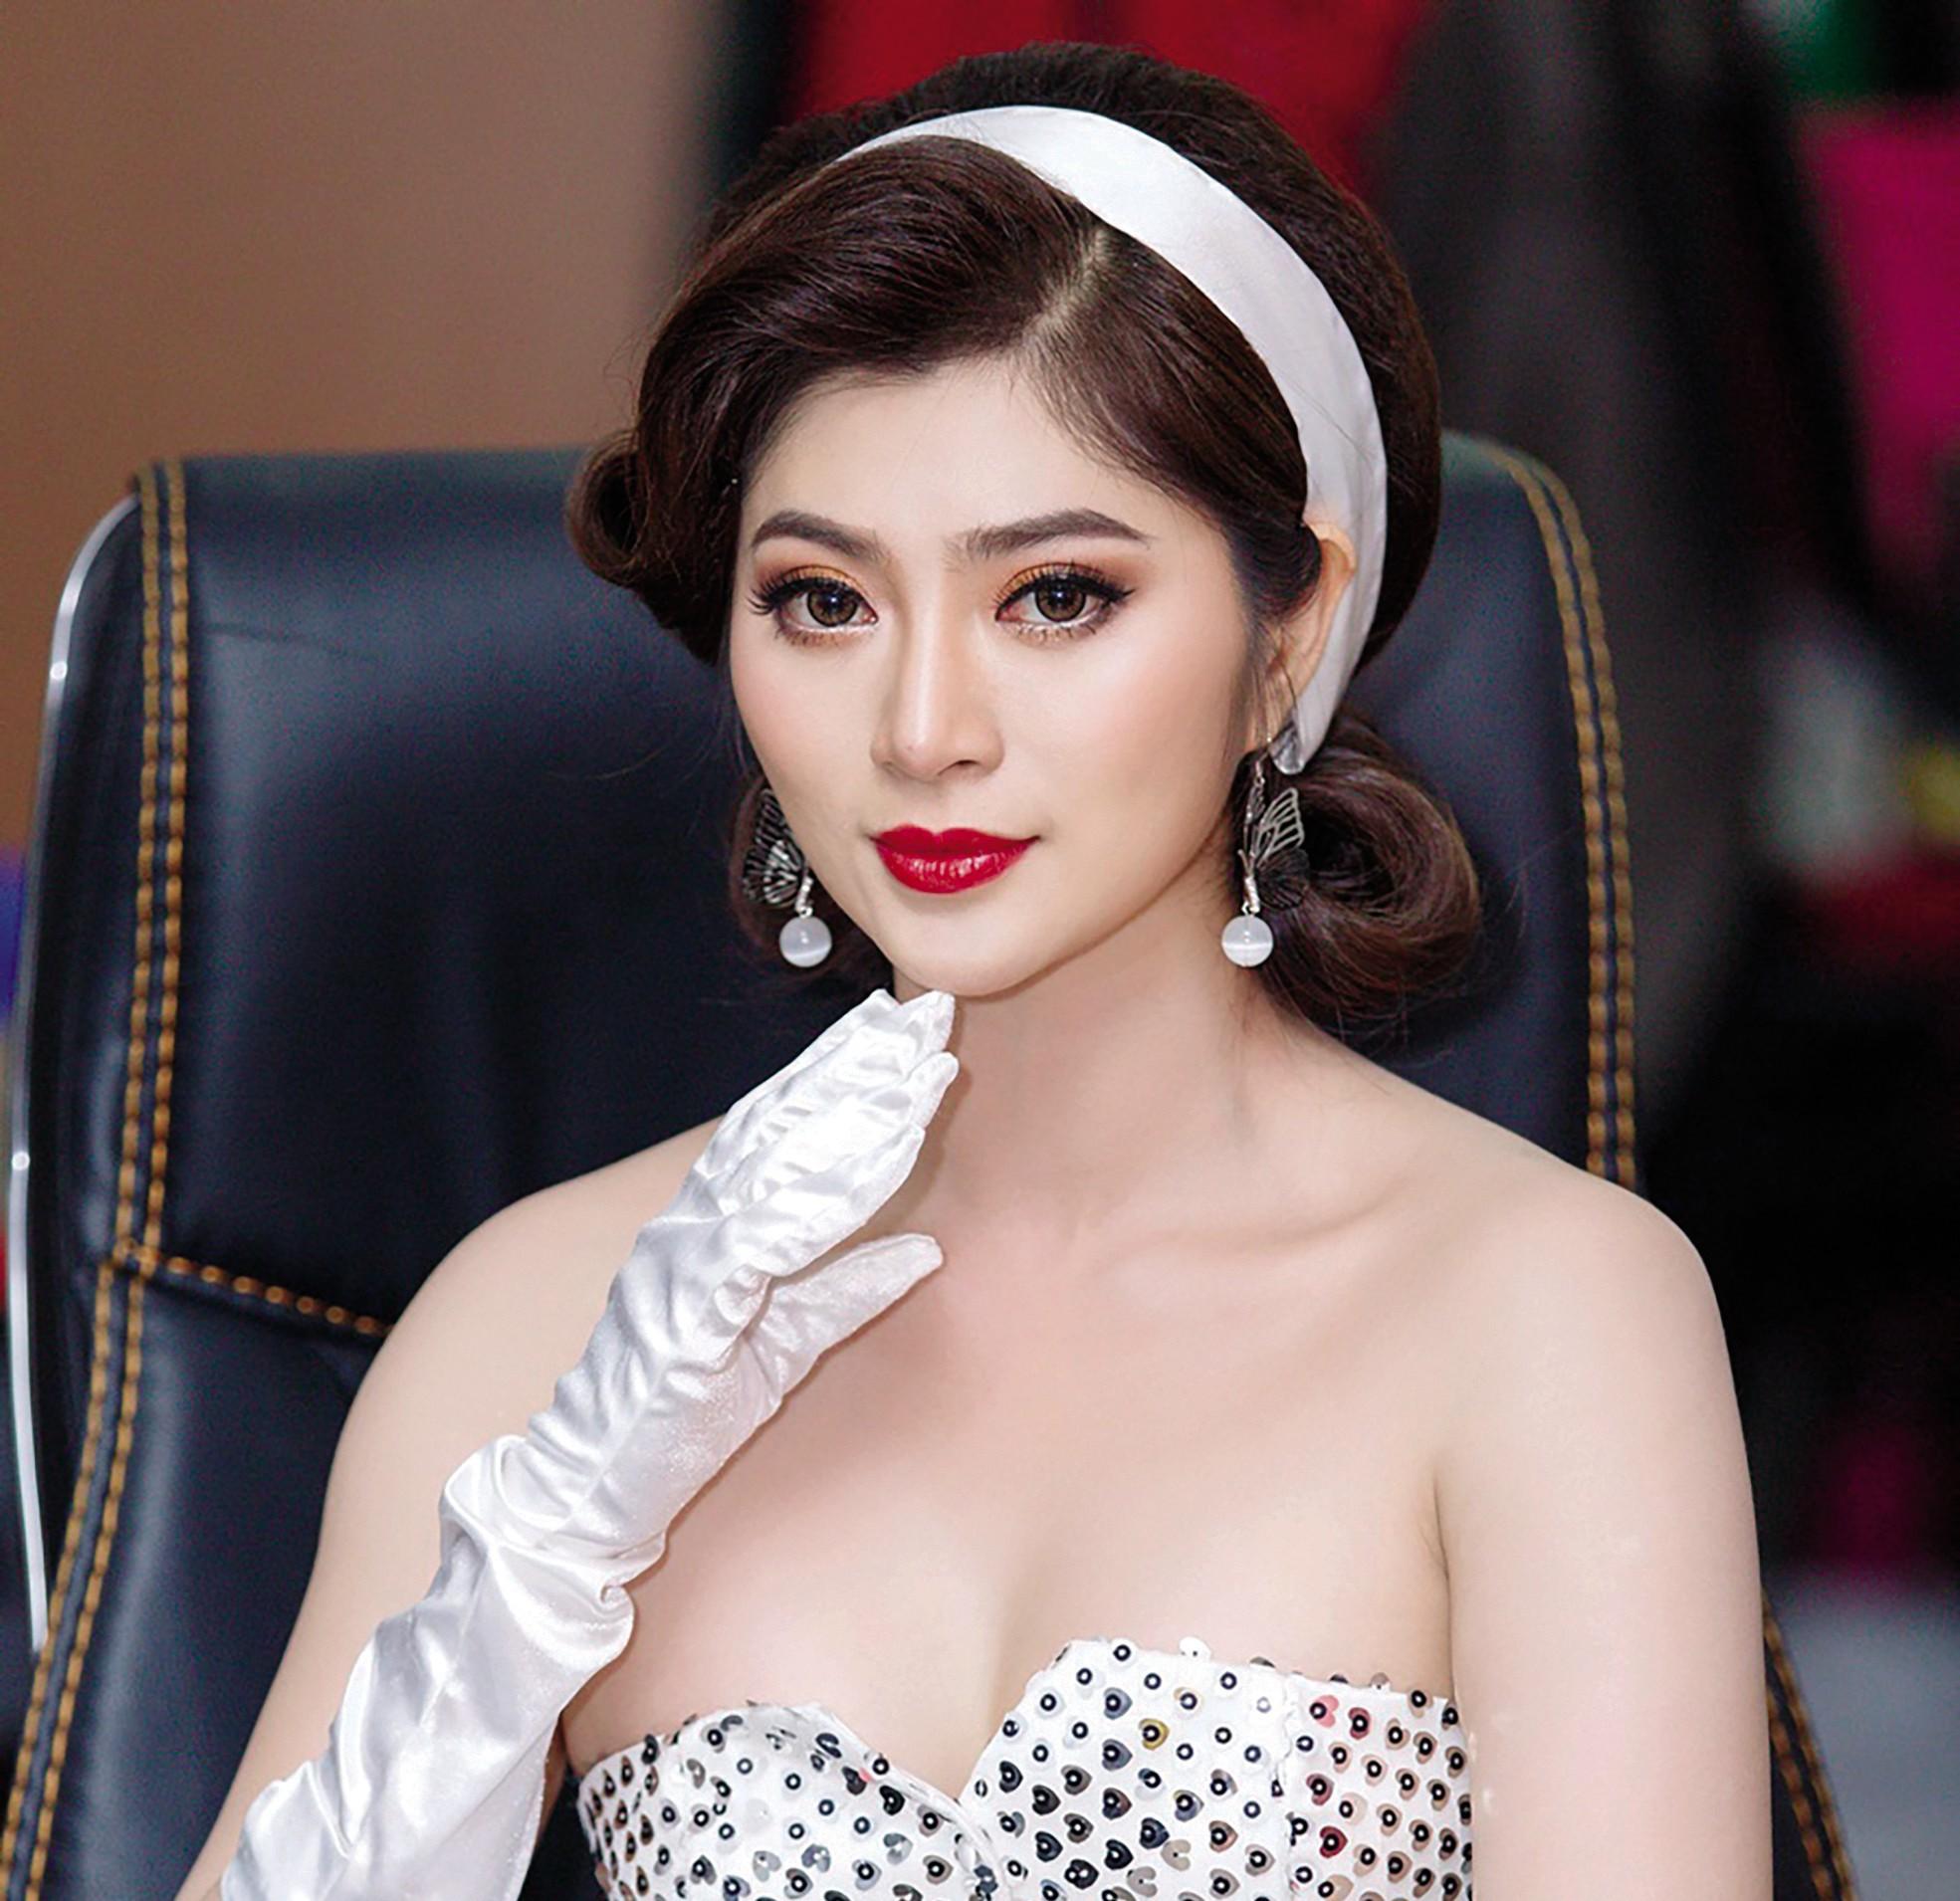 Nhan sắc xinh đẹp của diễn viên nữ ấn tượng Hồng Diễm